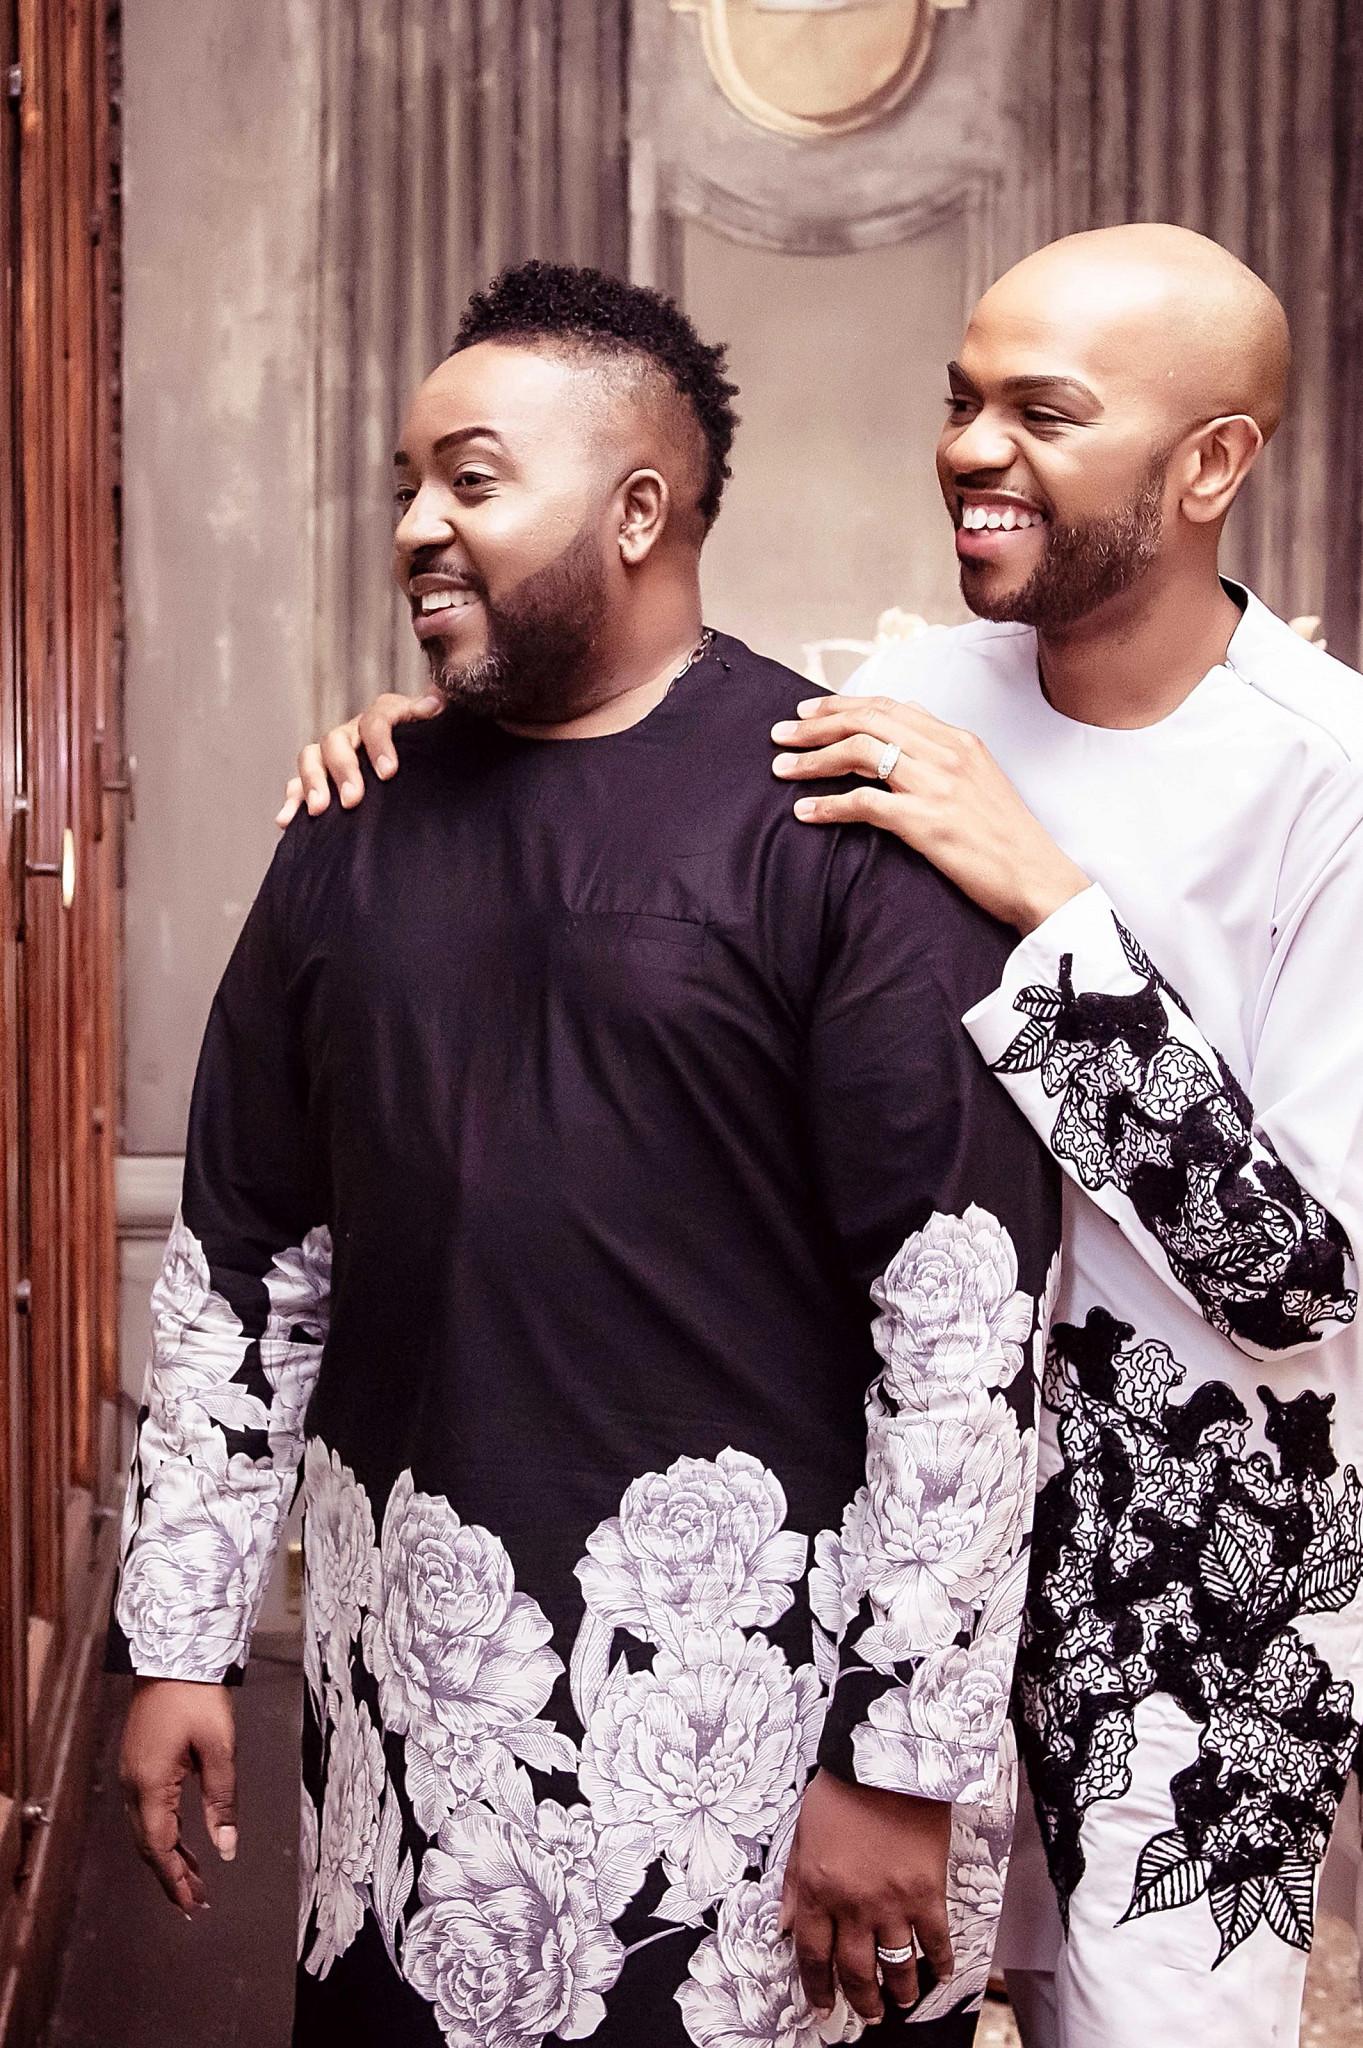 莱斯特-梅西夫妇在尼日利亚的拉各斯定制了婚礼的礼服